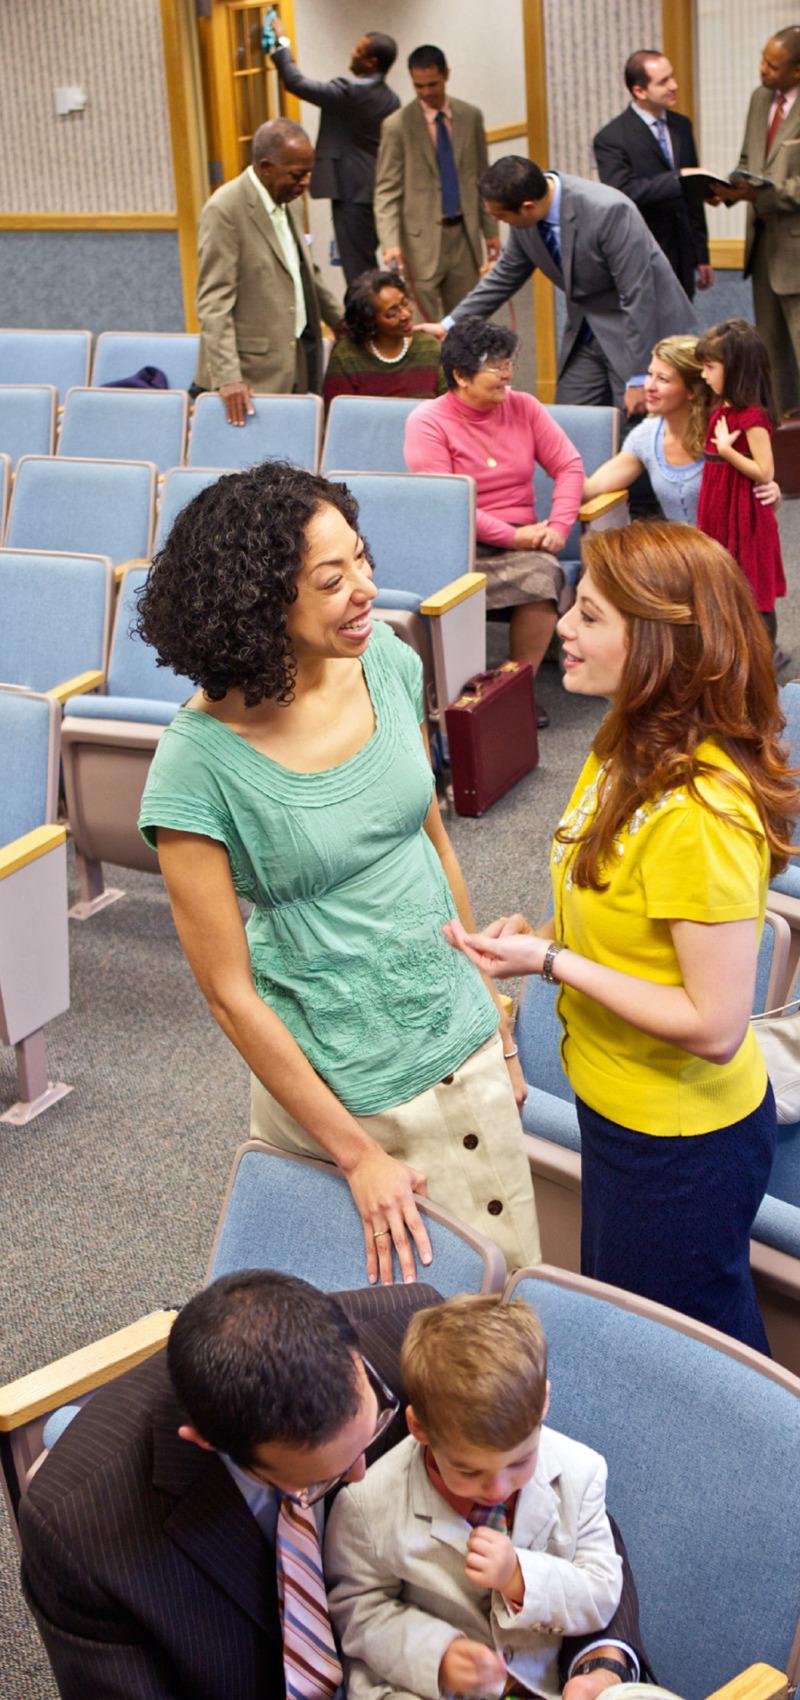 Personas conversando después de una reunión cristiana